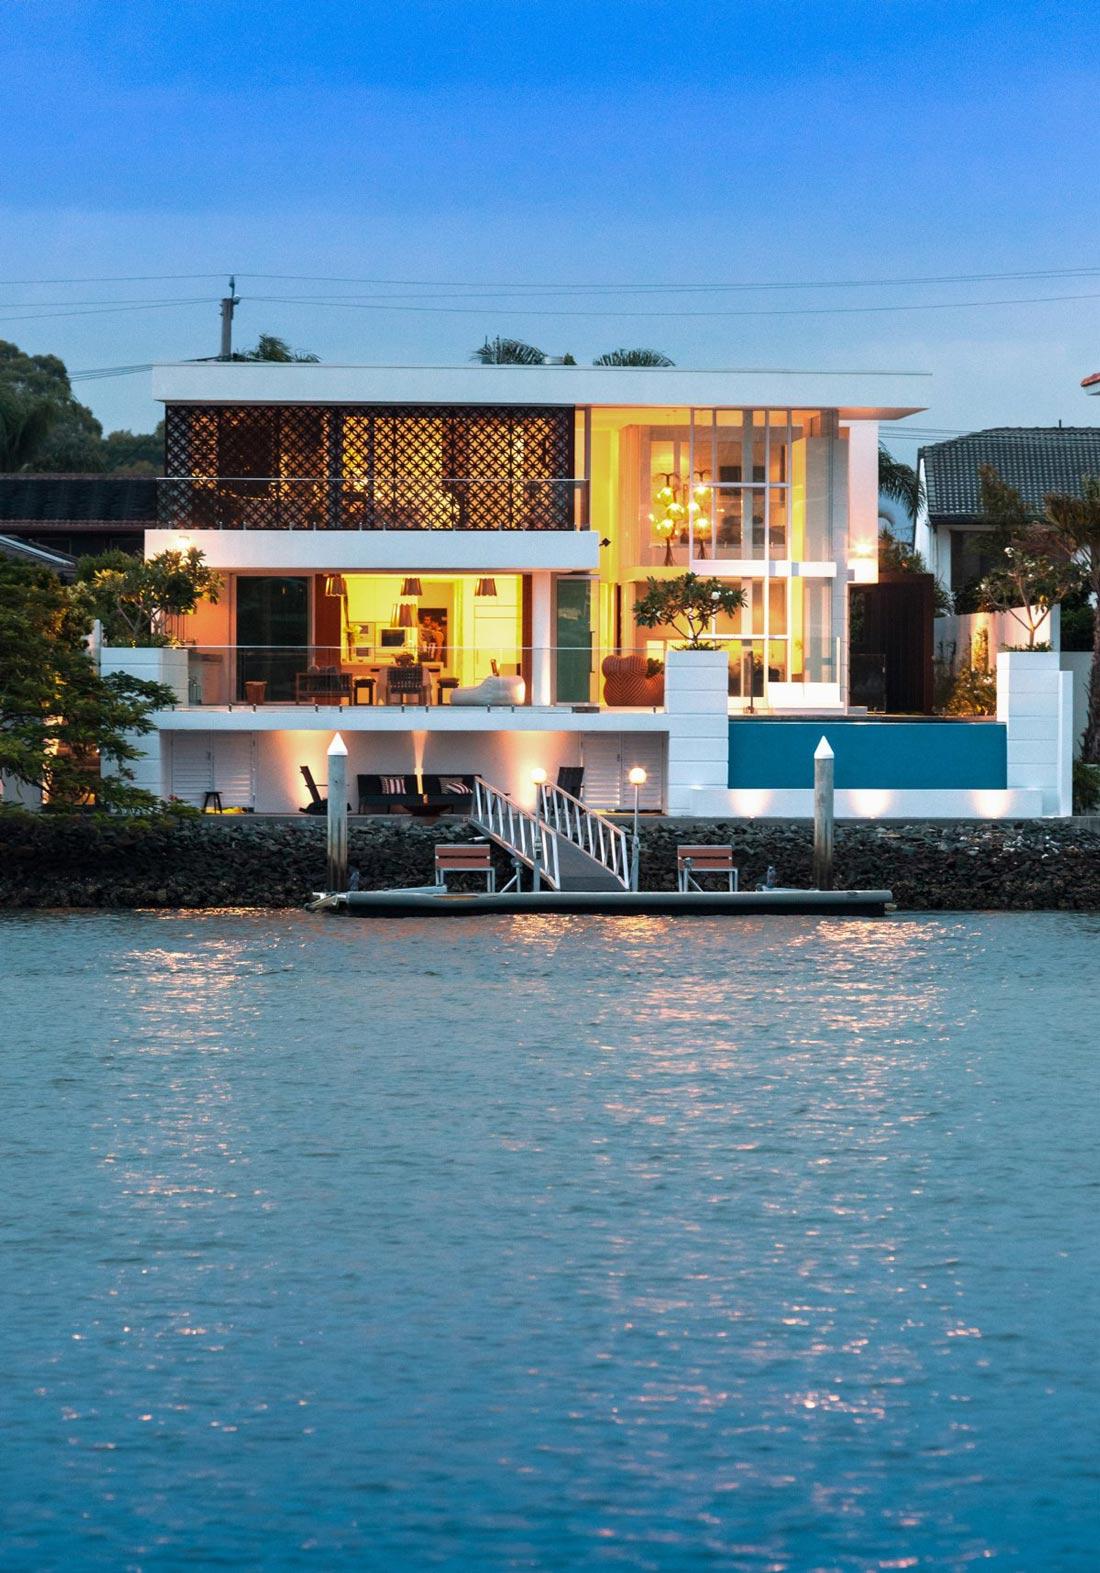 Dock, Lighting, Stunning Waterfront Home in Queensland, Australia